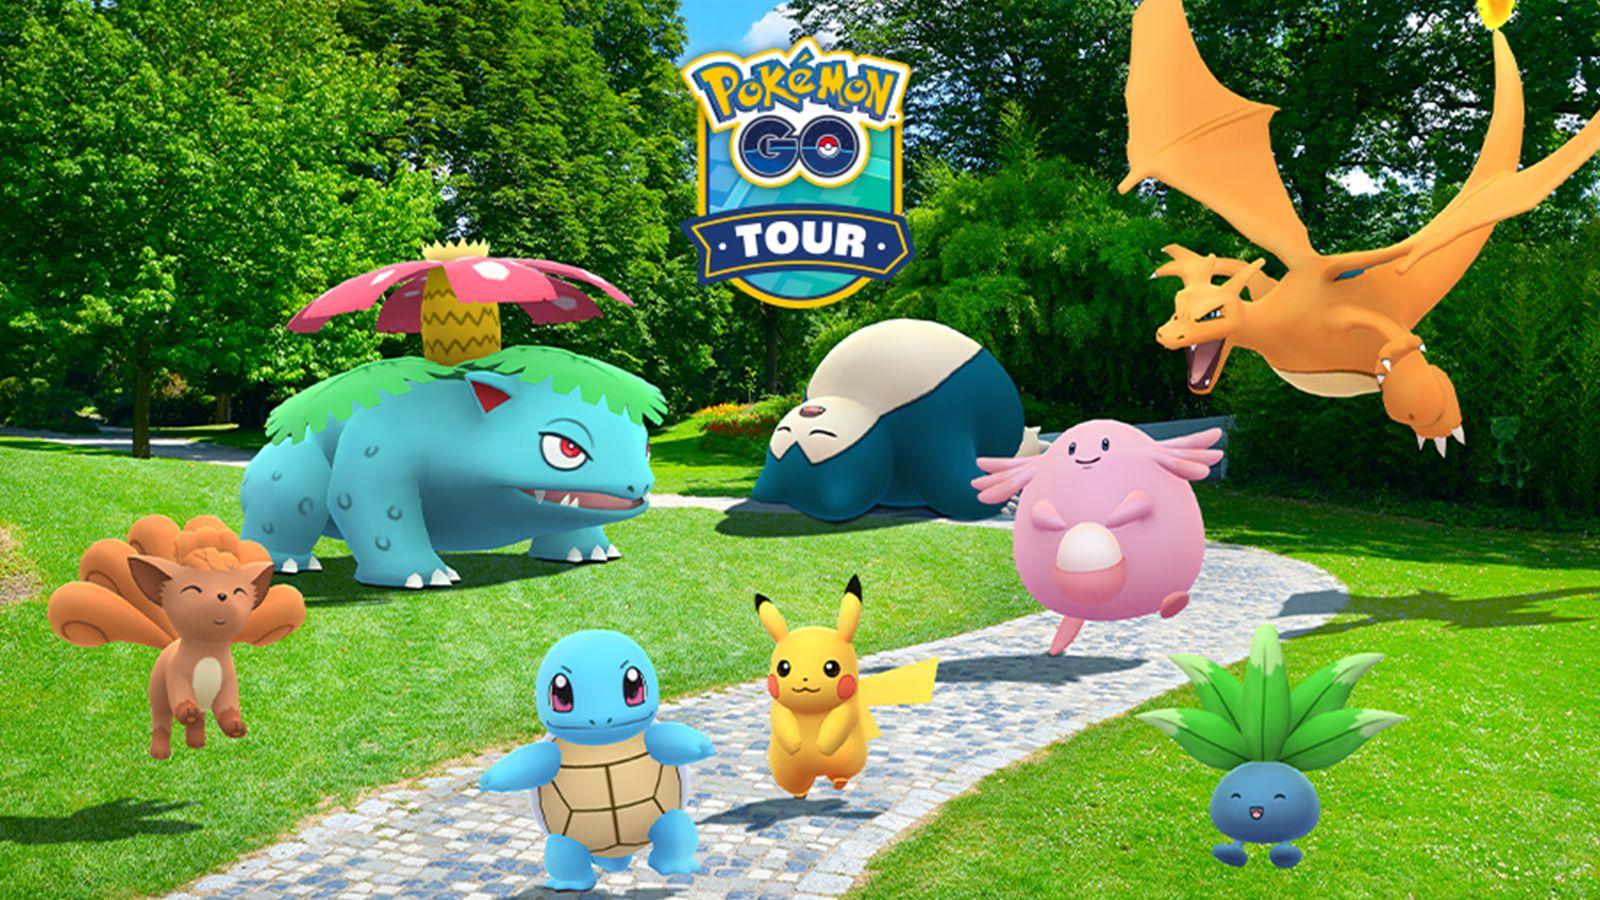 Pokémon Go Tour